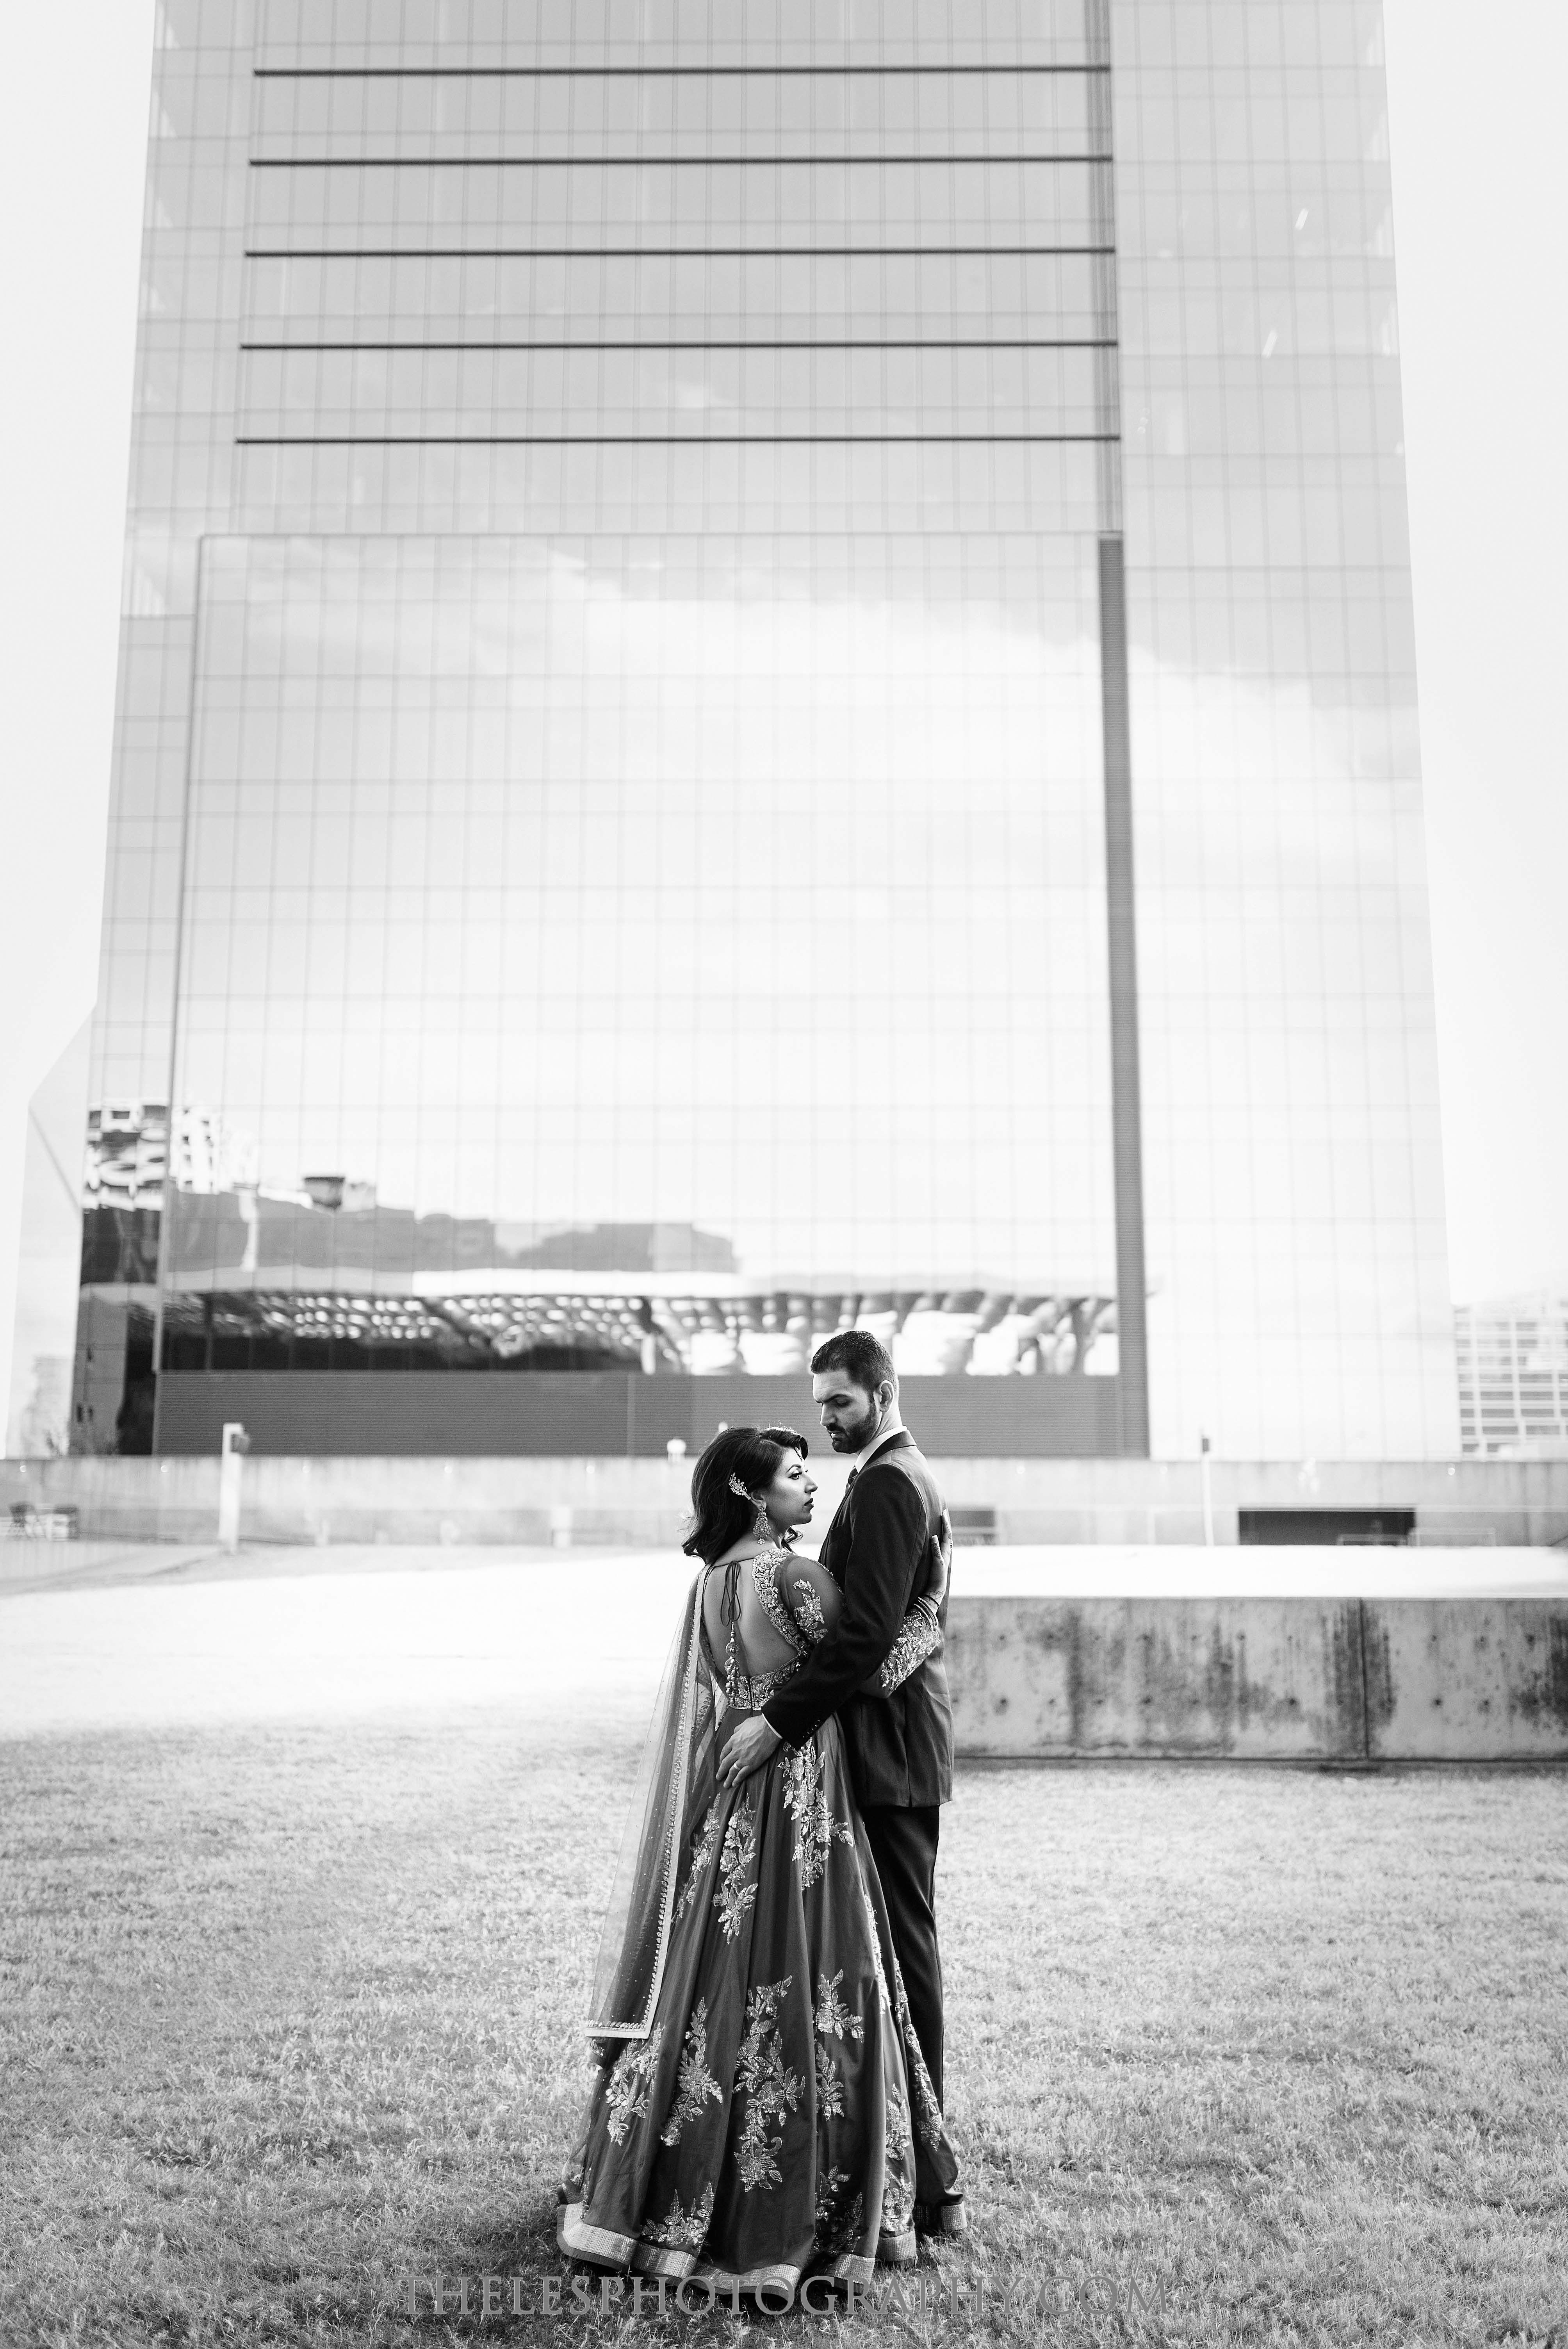 The Les Photography - Punjabi Wedding - Sikh Indian Wedding - Dallas Wedding Photographer 57